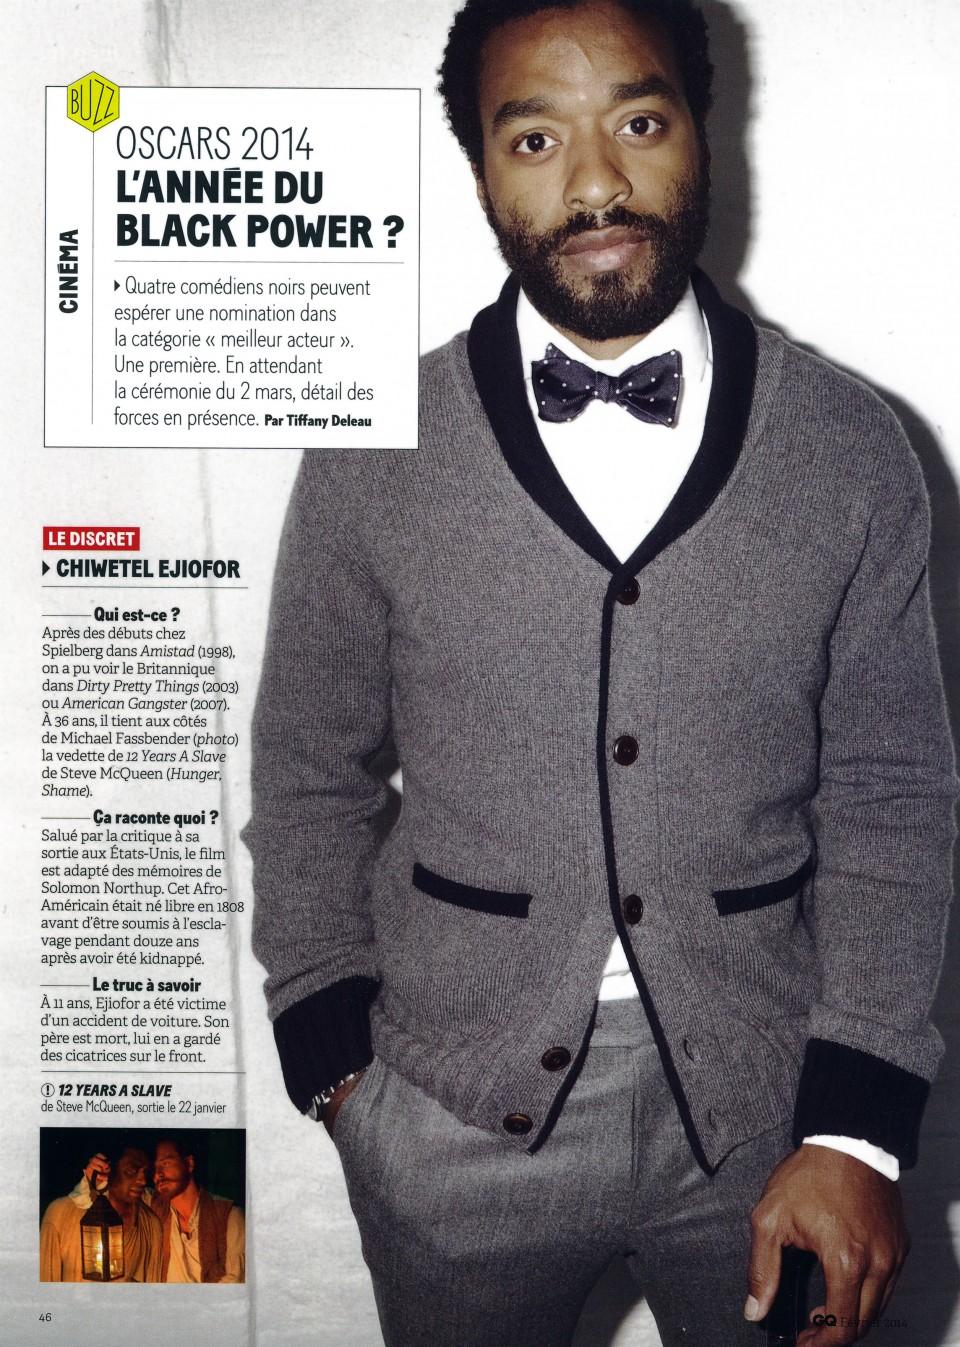 Oscars 2014 - L'Année du Black Power ?1